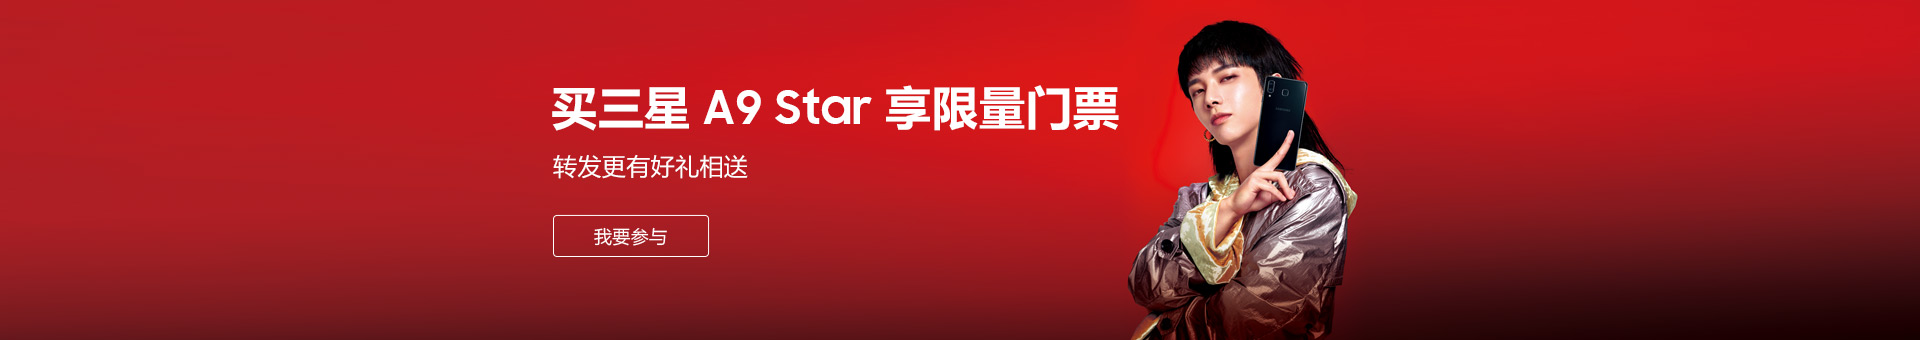 买三星 A9 Star 享限量门票,转发更有好礼相送!